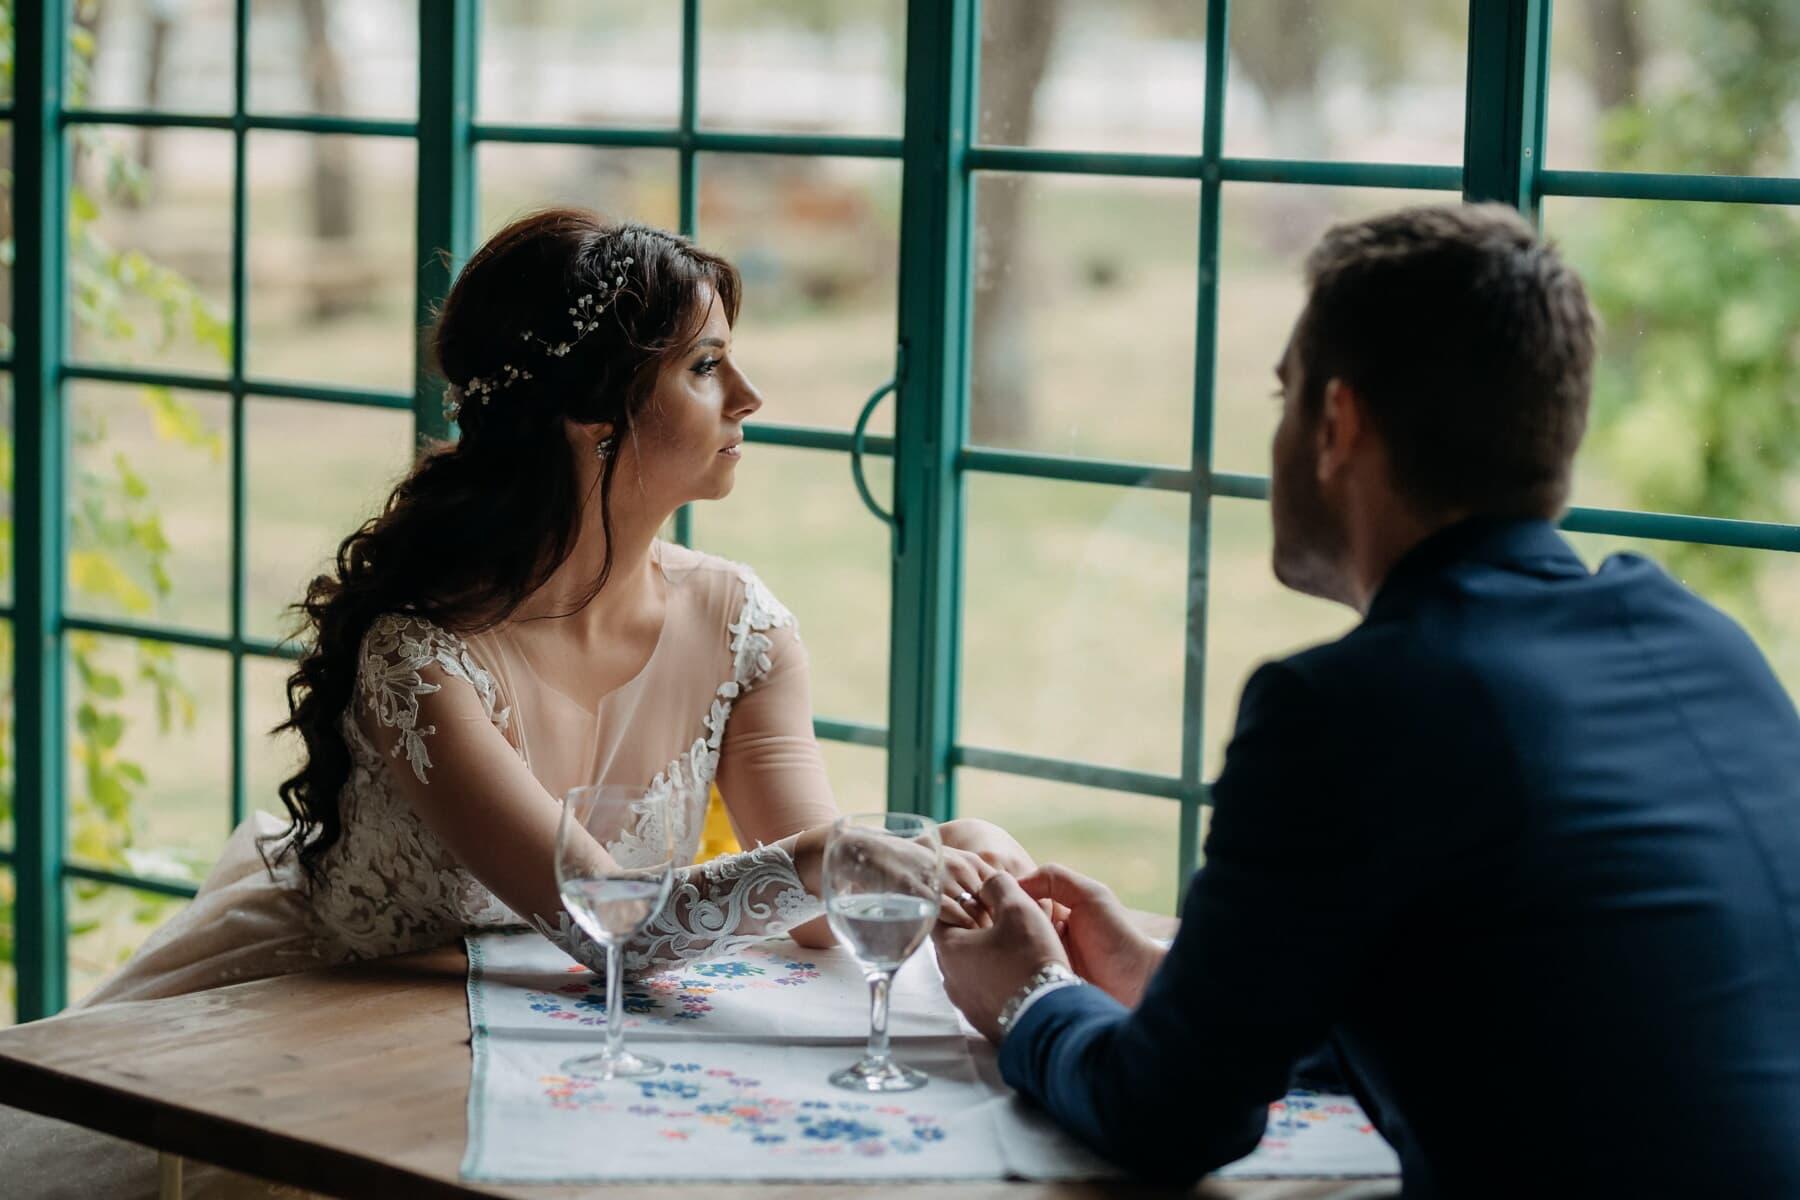 Liebesbeziehung, romantische, champagner, Restaurant, Liebe, Zärtlichkeit, Menschen, Frau, Tabelle, drinnen